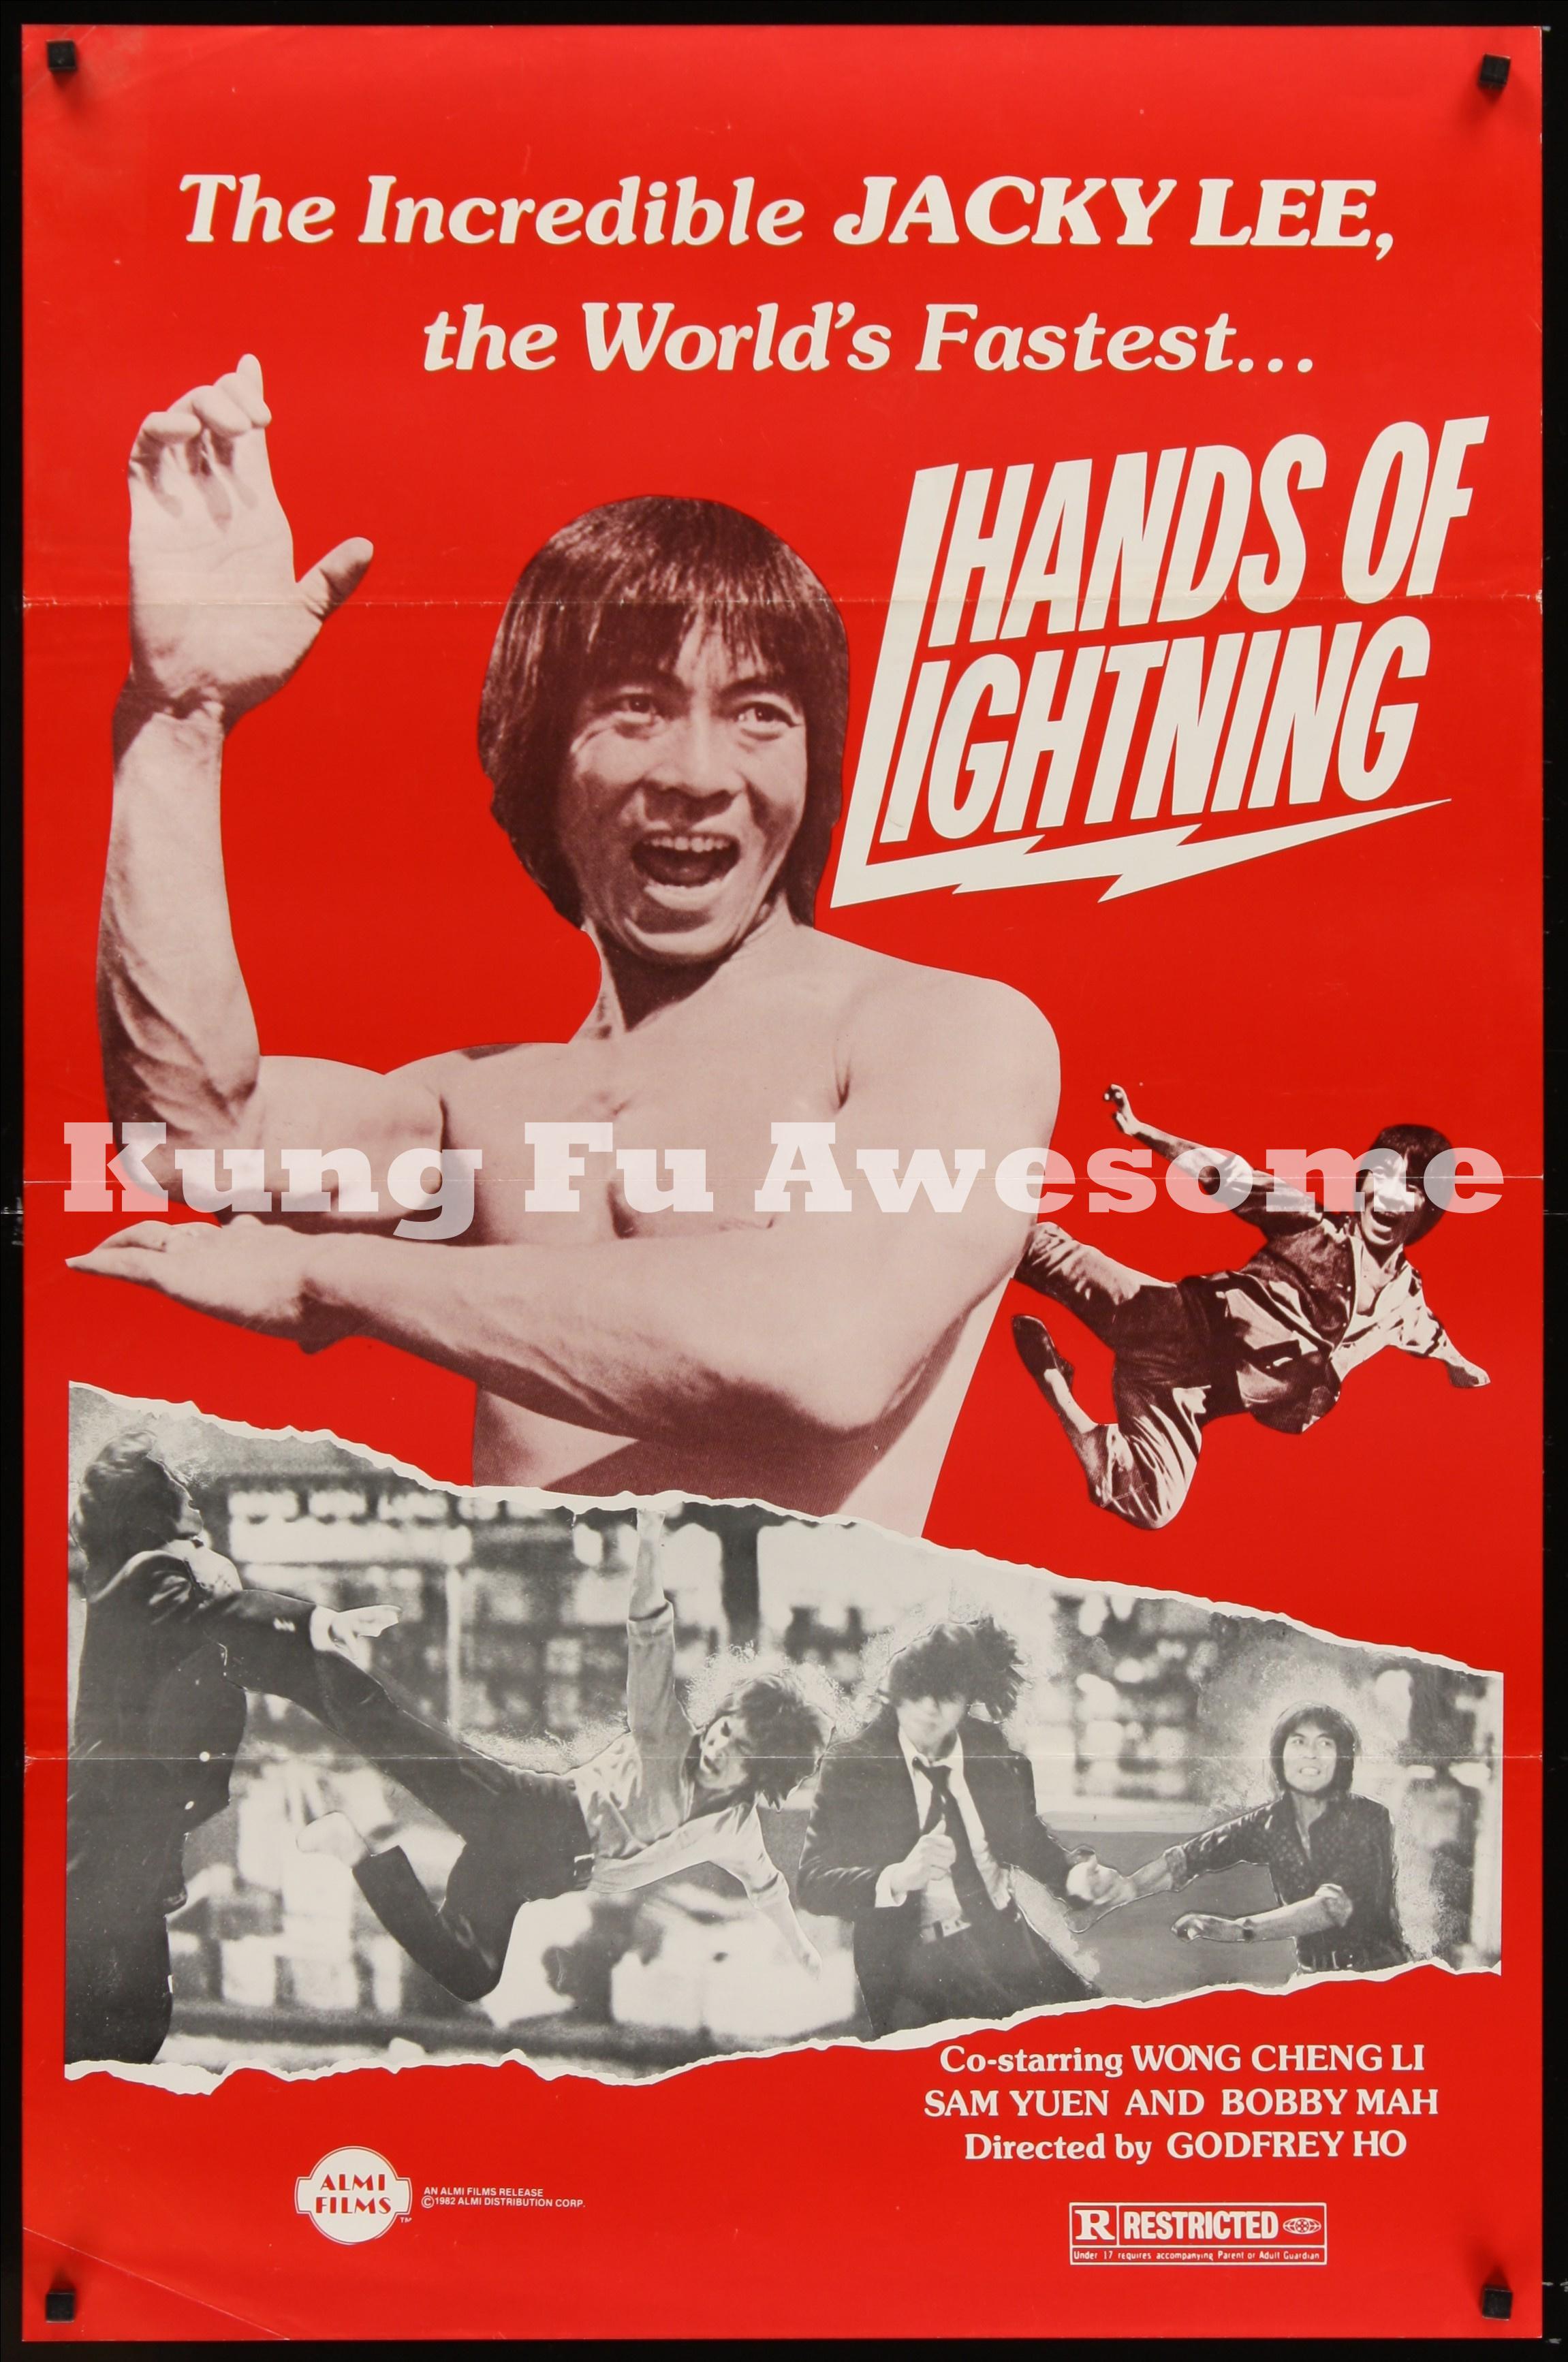 hands_of_lightning_NZ03775_L.jpg